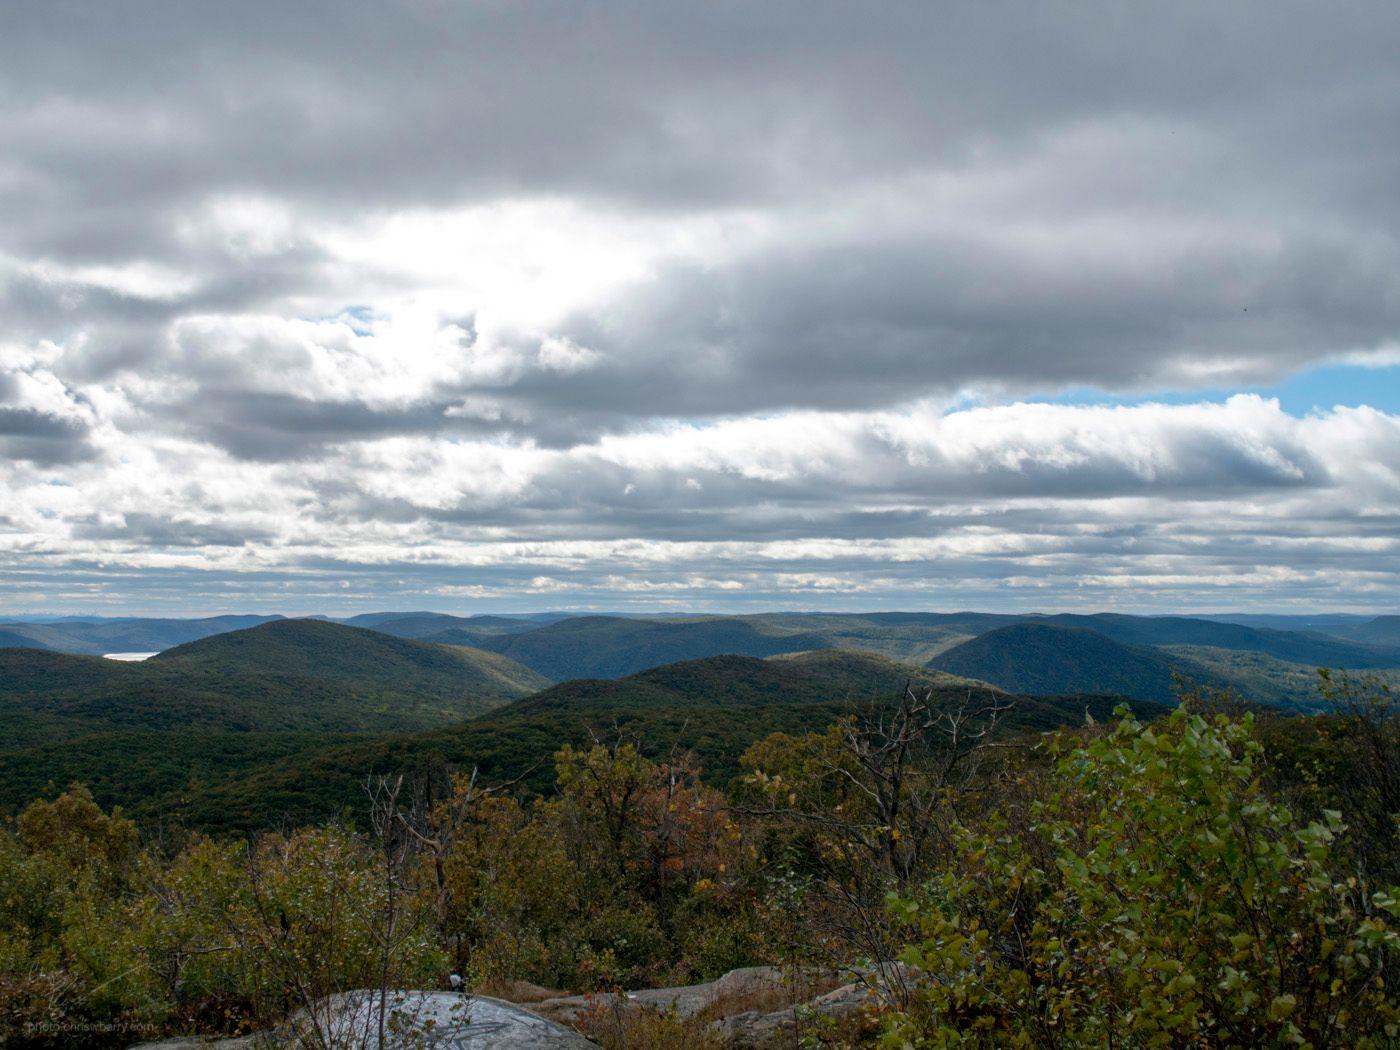 10-21-18: Mountains